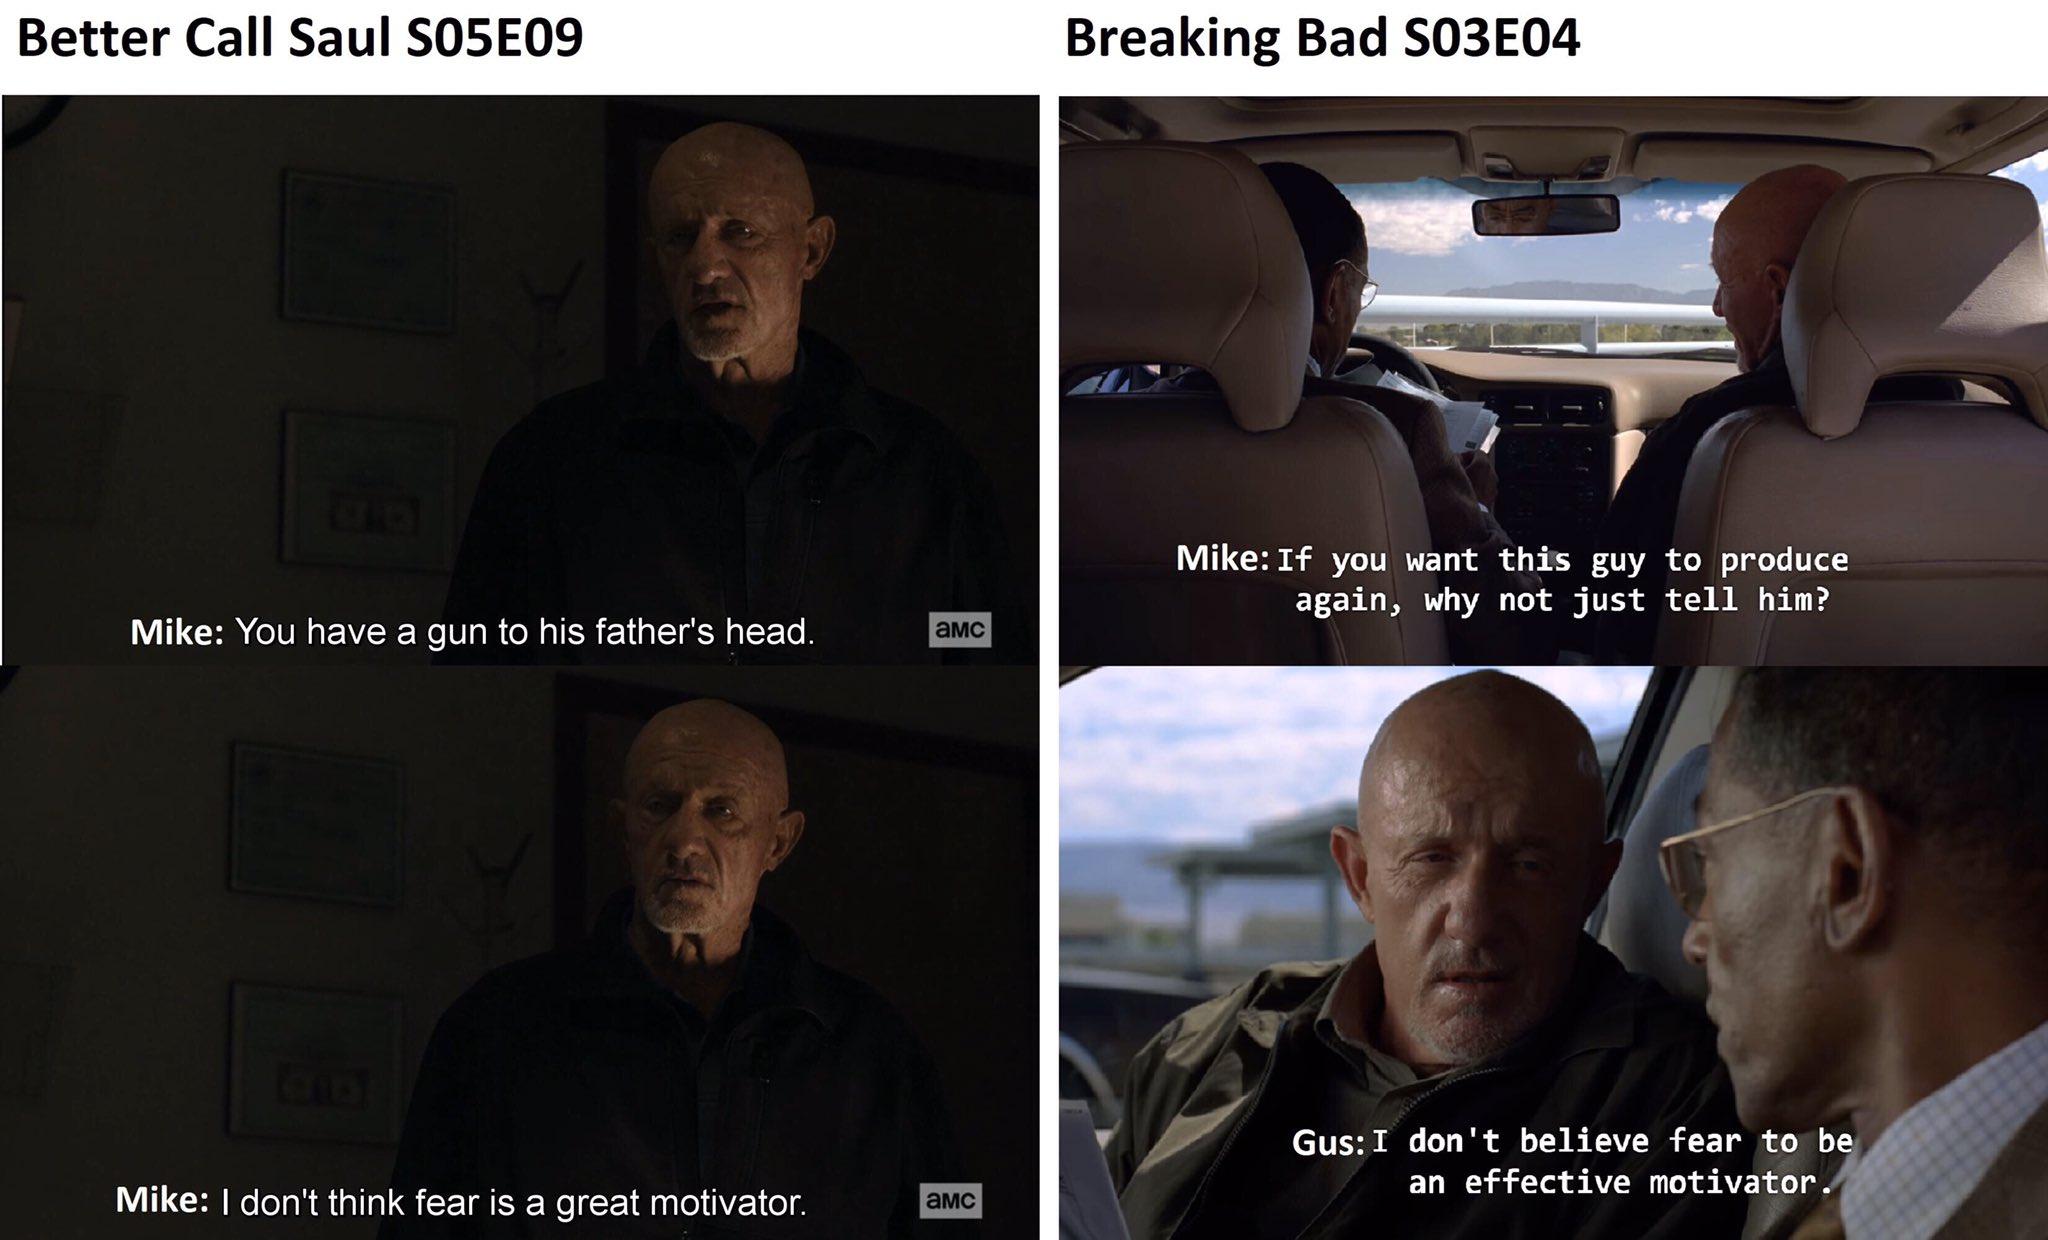 Parallèle Better Call Saul / Breaking Bad sur l'intérêt de faire peur à quelqu'un que l'on veut maîtriser